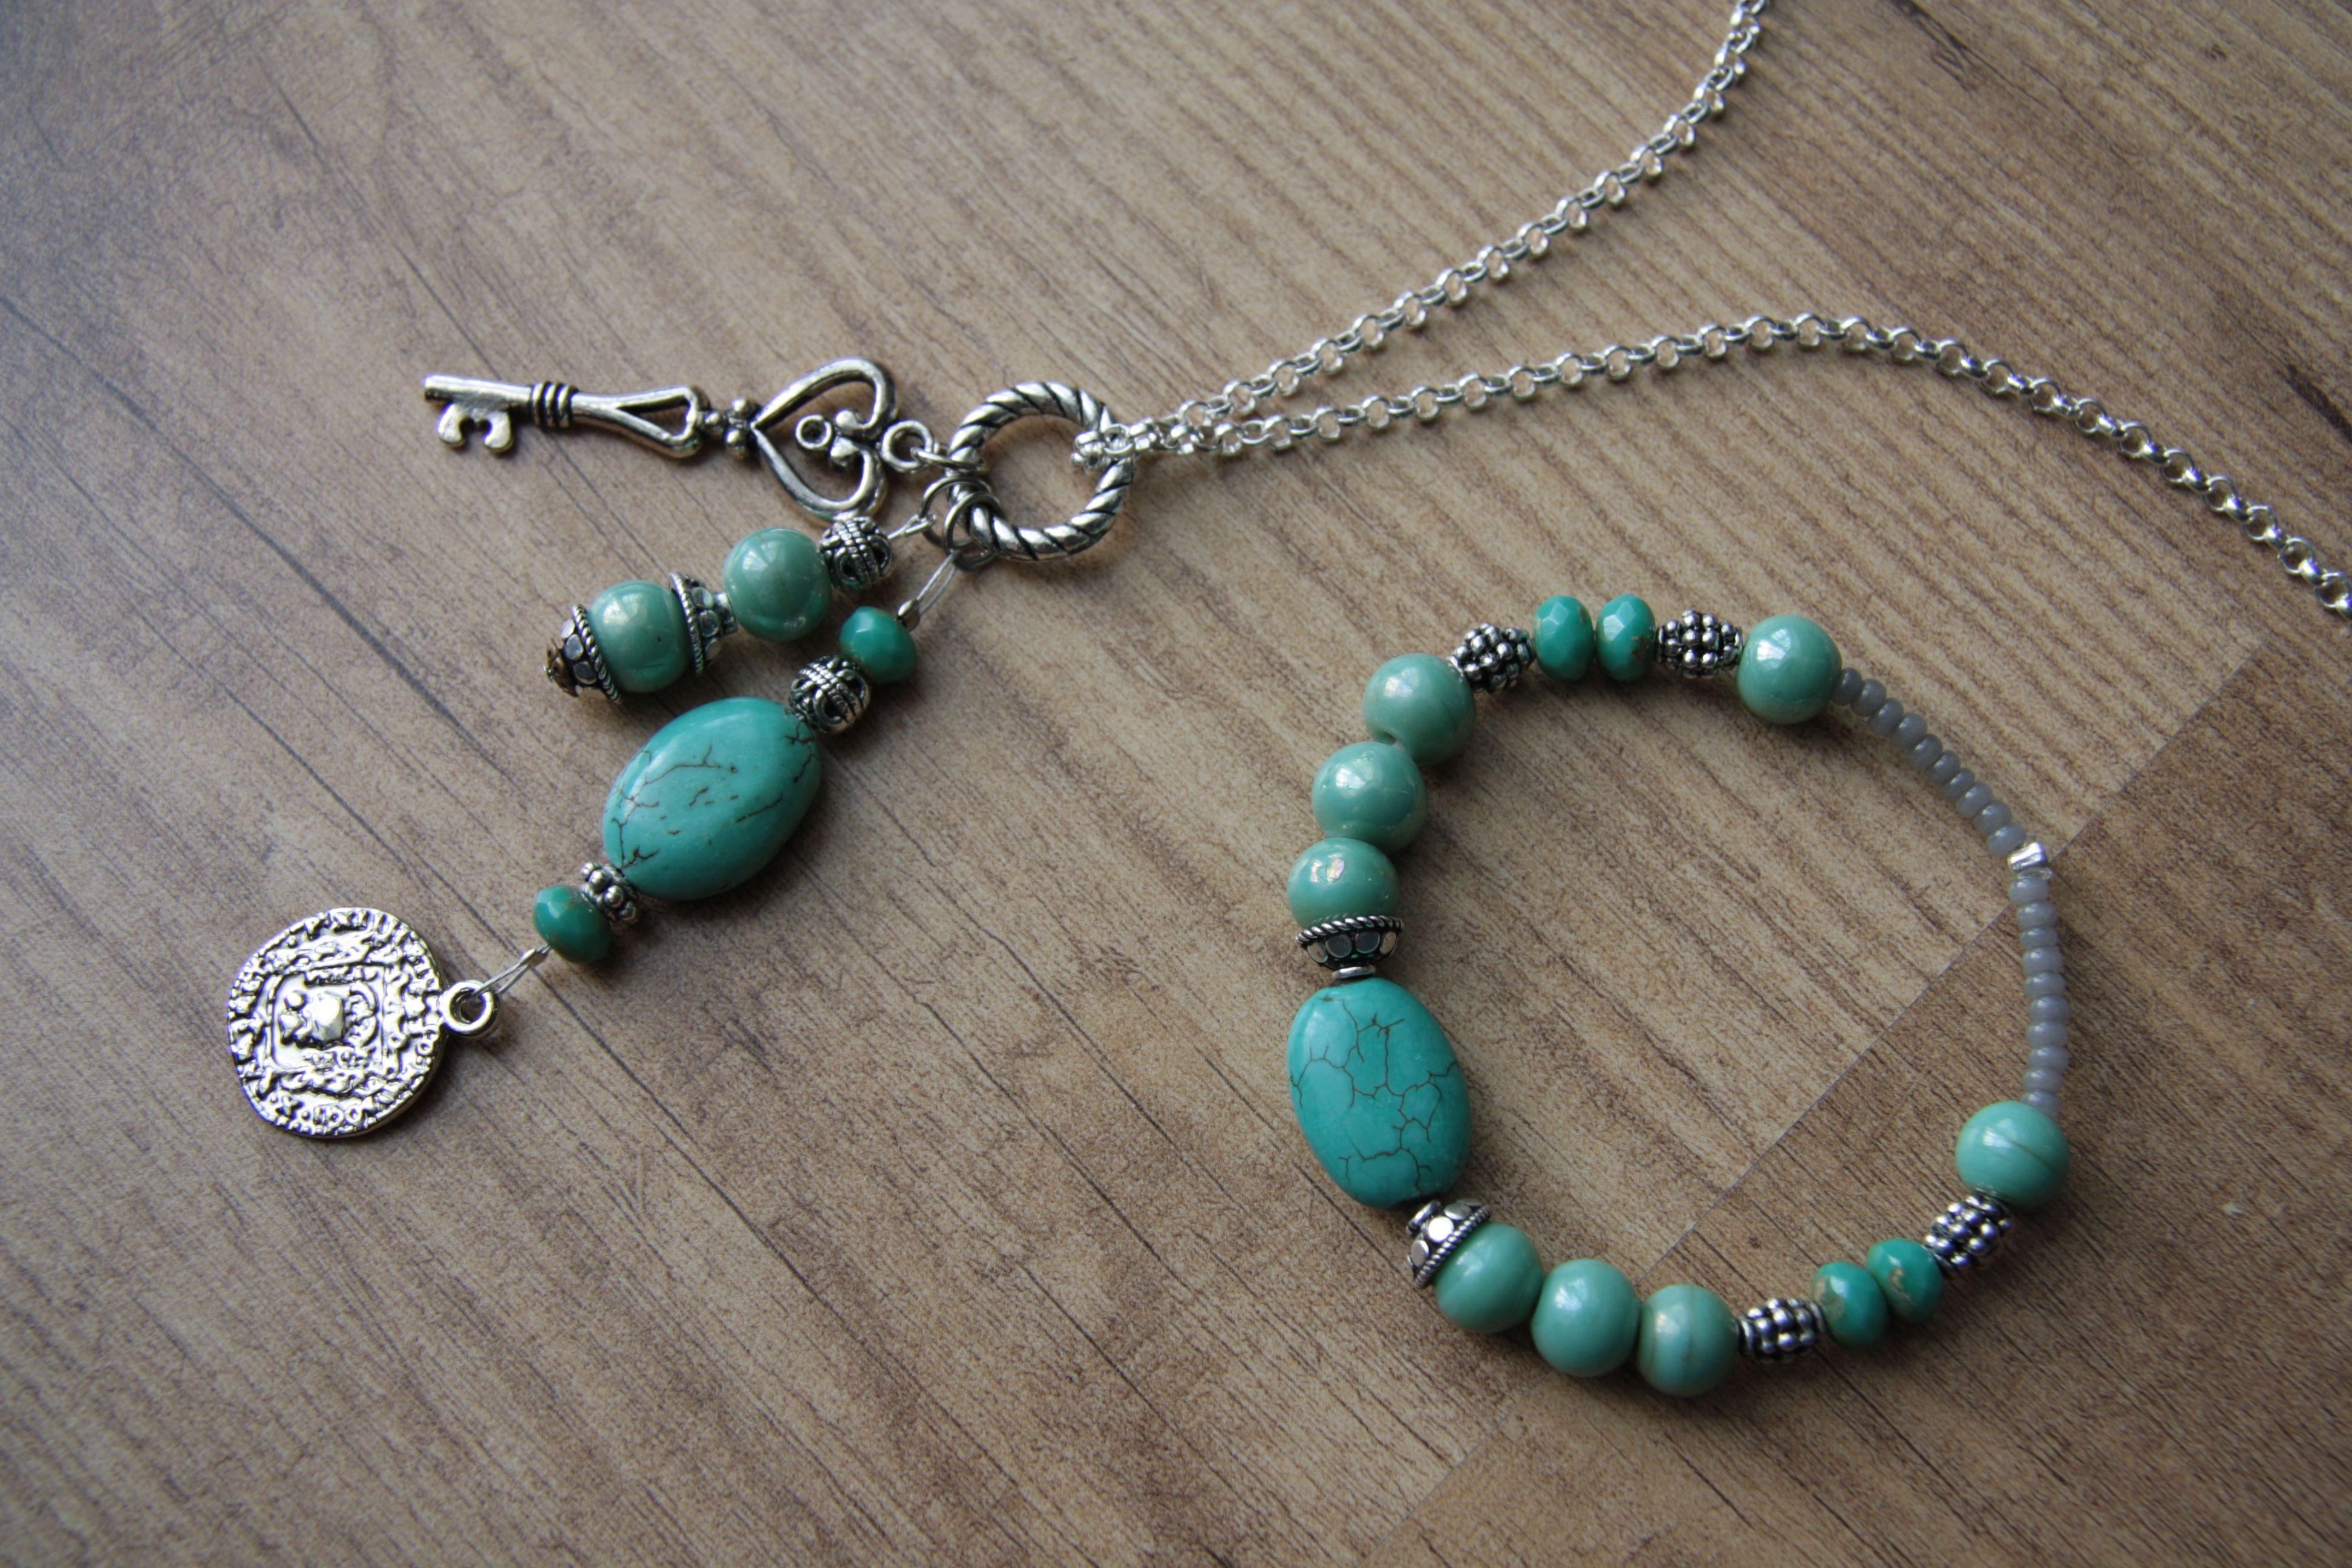 aa0a0c896cd Wil jij je eigen ketting of armband maken? Dat is een fantastisch idee.  Niet is zo leuk als zelf een sieraad maken. Dan kun je deze namelijk  precies zo ...